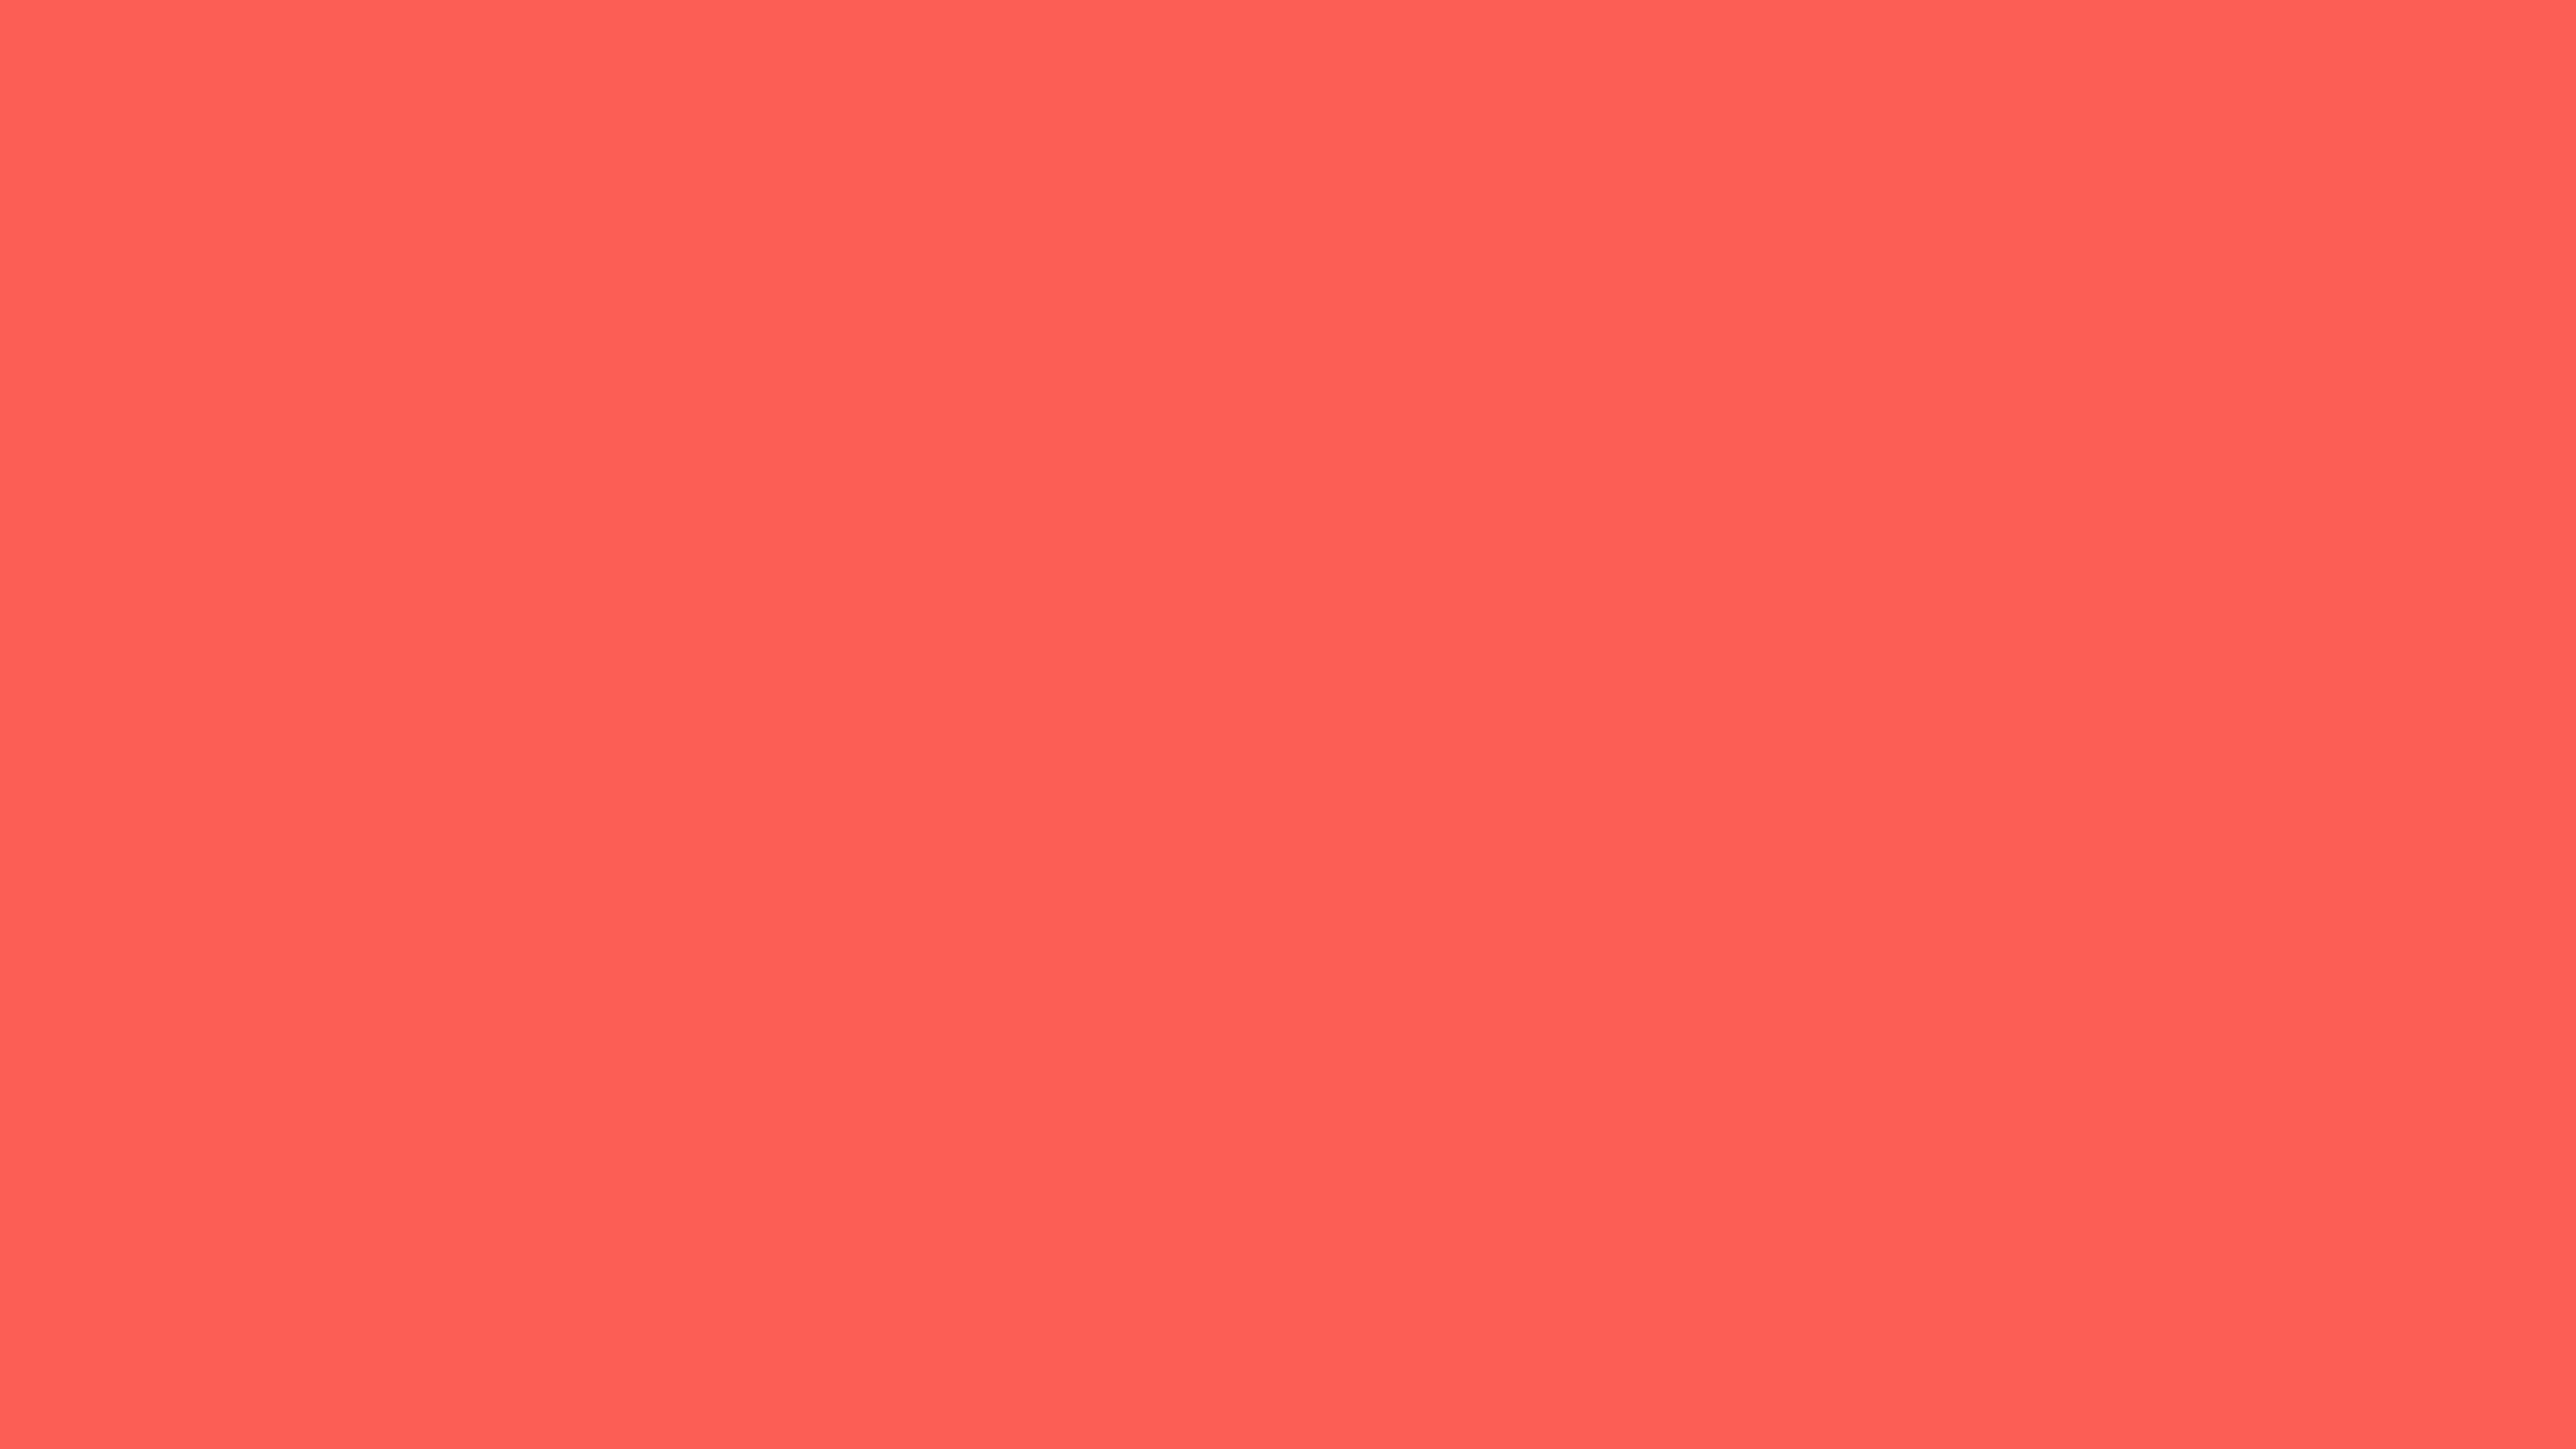 7680x4320 Sunset Orange Solid Color Background